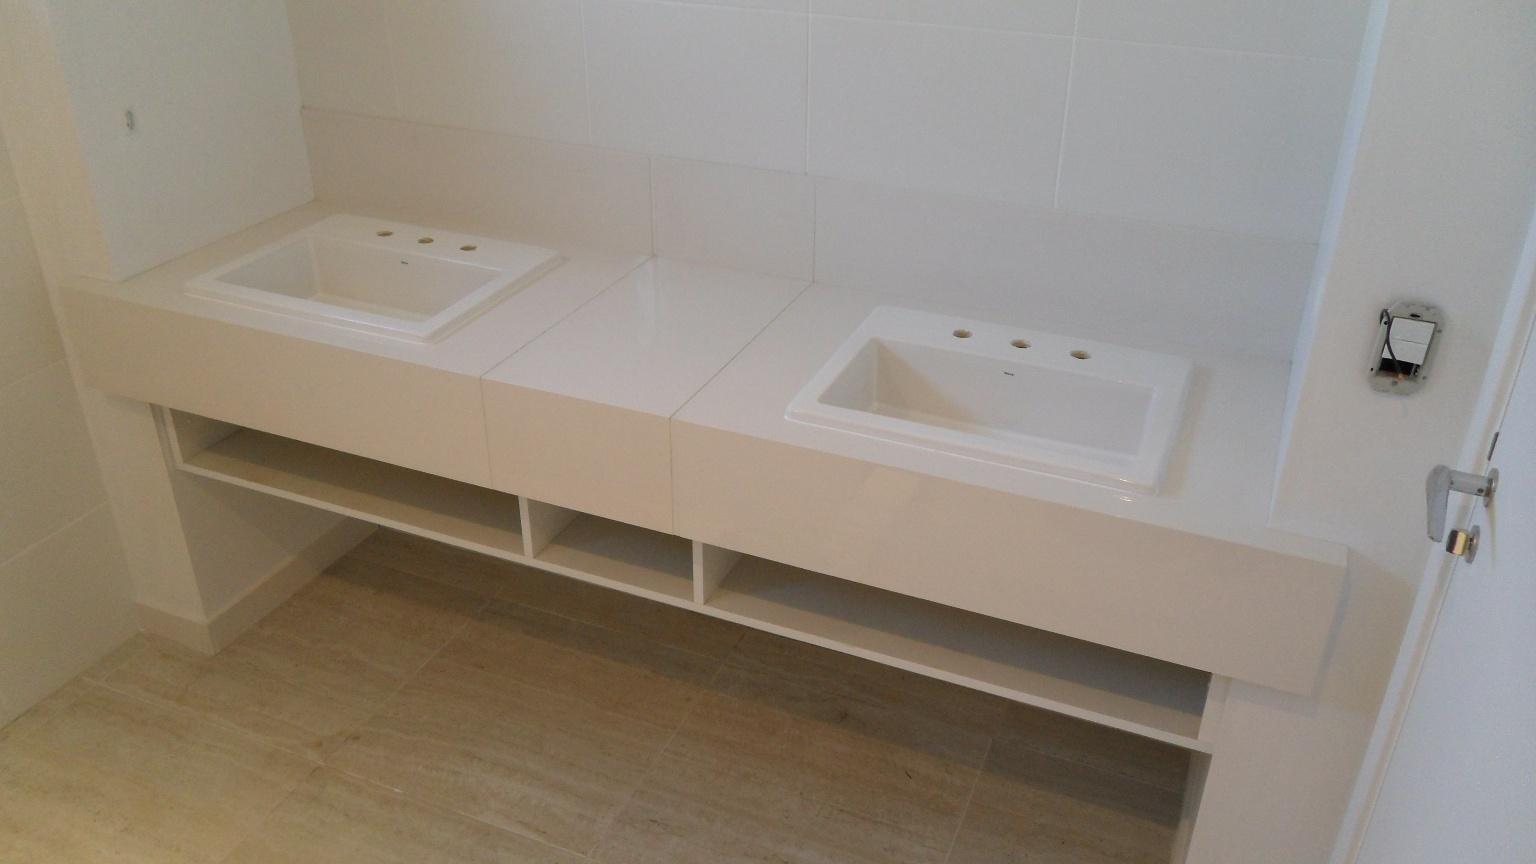 Bancada cuba dupla em porcelanato #604E37 1536x864 Bancada Banheiro Duas Cubas